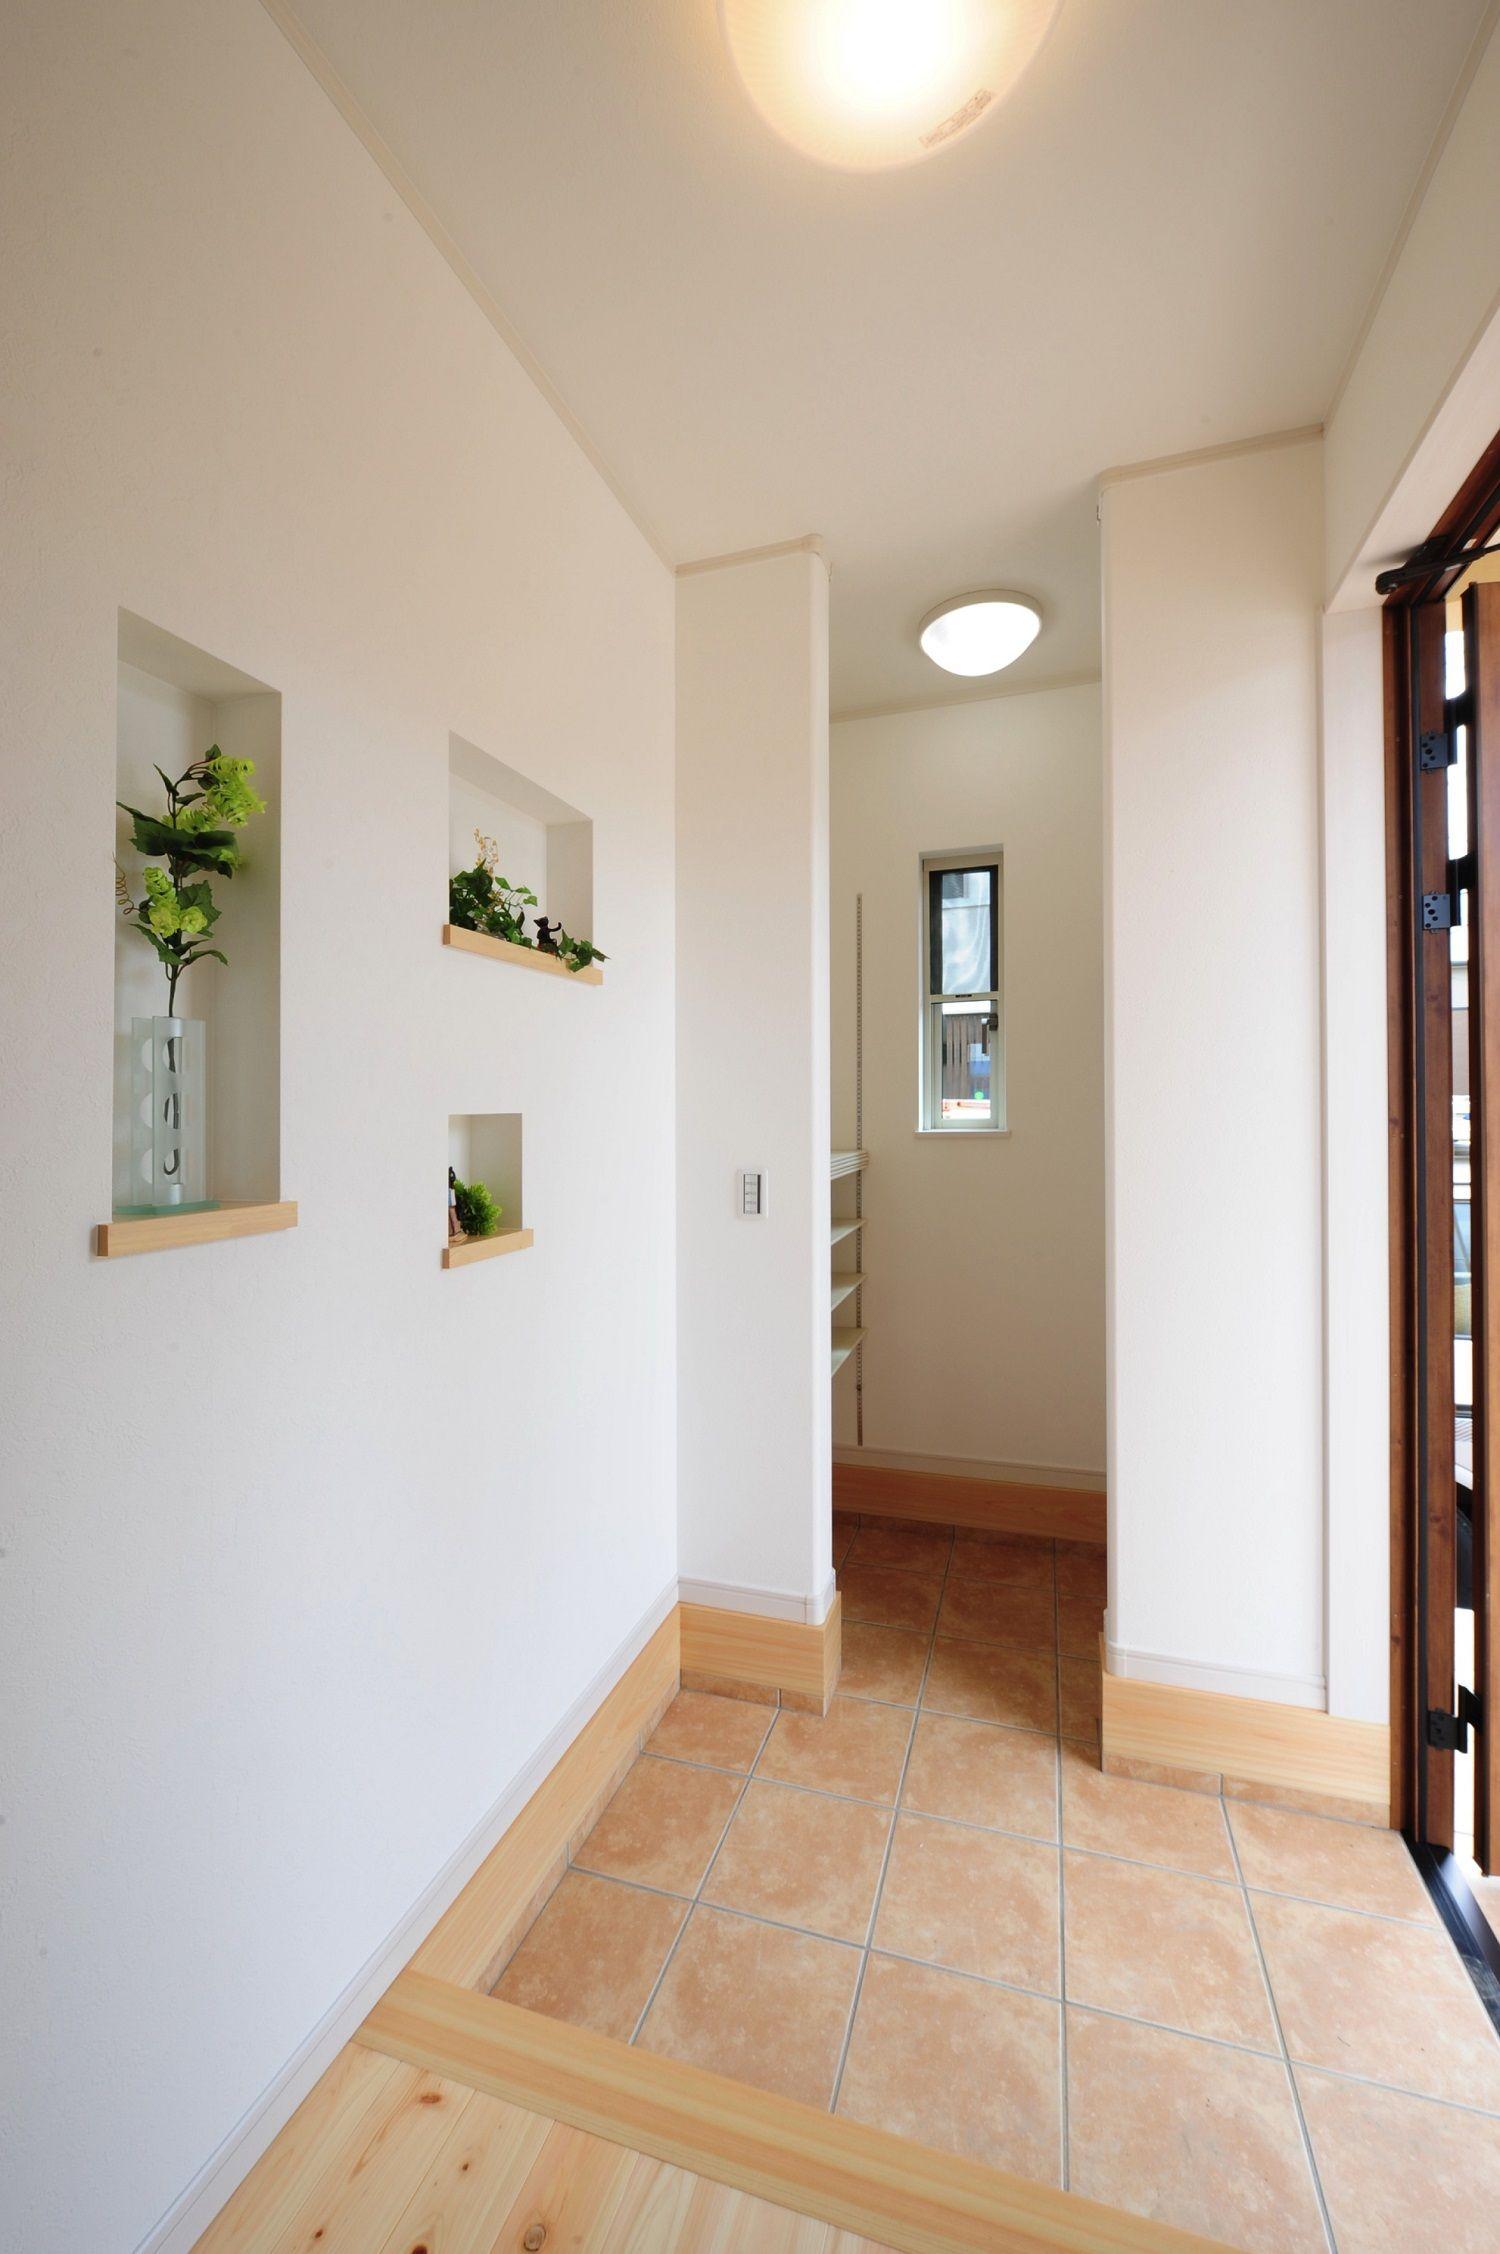 ヘルシーホーム 玄関ホールのニッチに小物を飾っておしゃれさup 桧屋住宅 玄関 ニッチ 飾り 玄関 デザイン